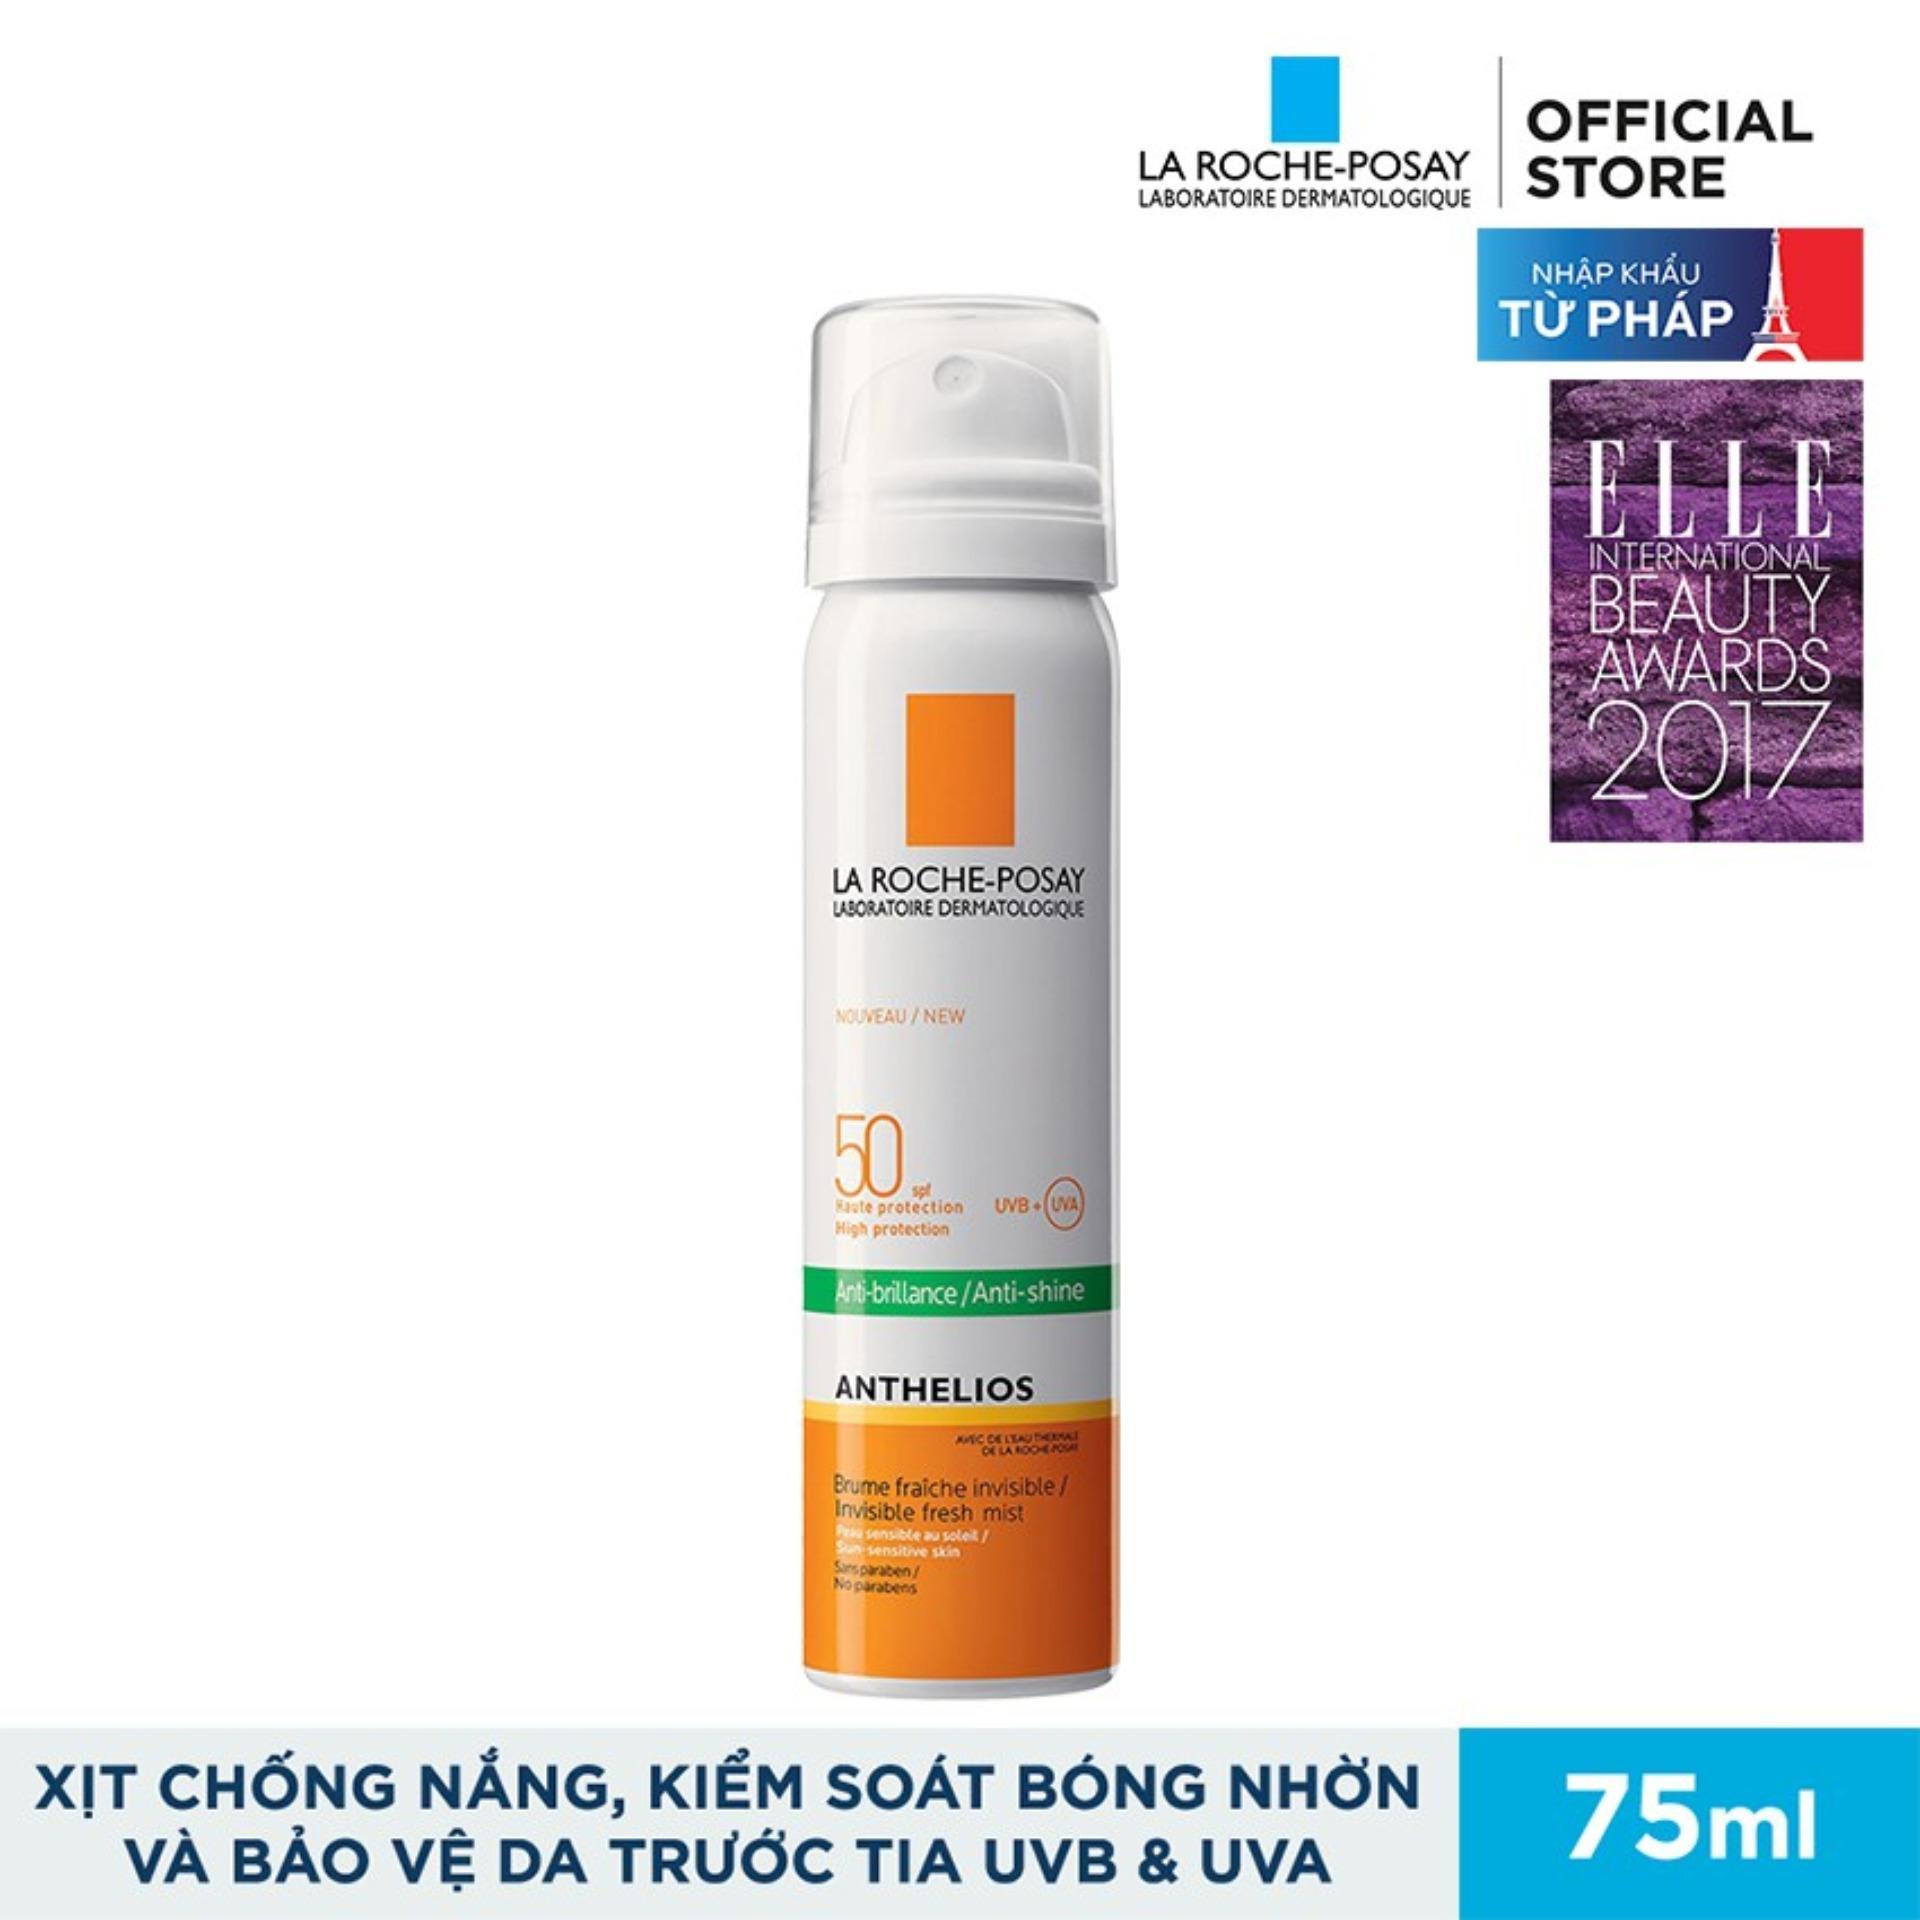 Xịt Chống Nắng, Giúp Kiểm Soát Bóng Nhờn Và Bảo Vệ Da La Roche-Posay Anthelios Anti-Shine Invisible Fresh Mist Spf50 Uvb + Uva Sun-Sensitive Skin 75ml